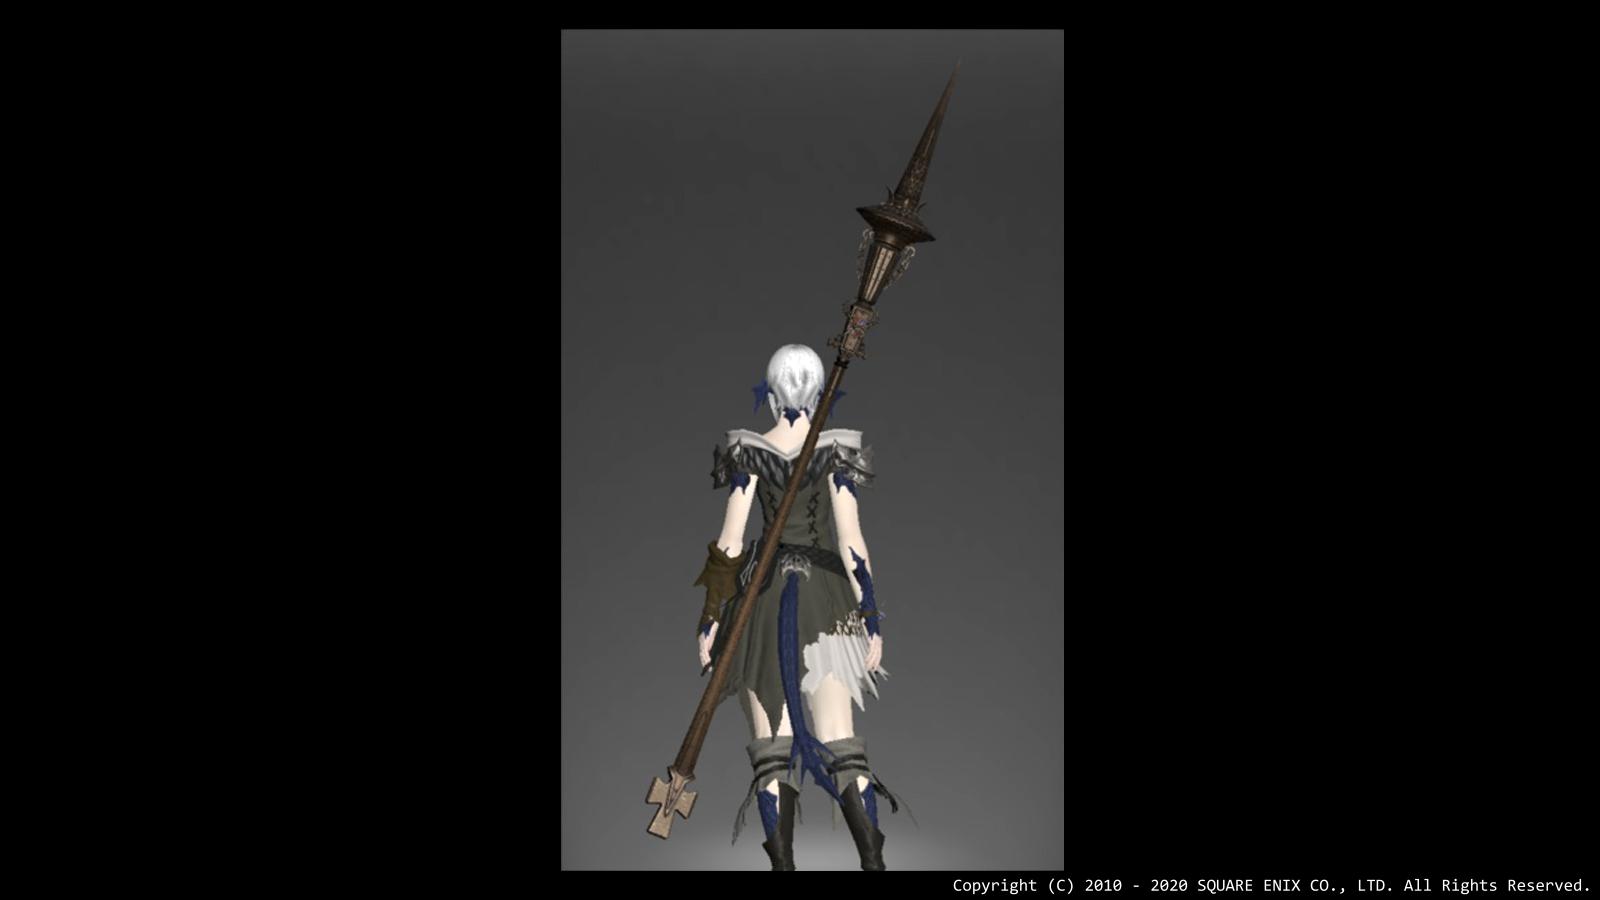 490-drg-arms